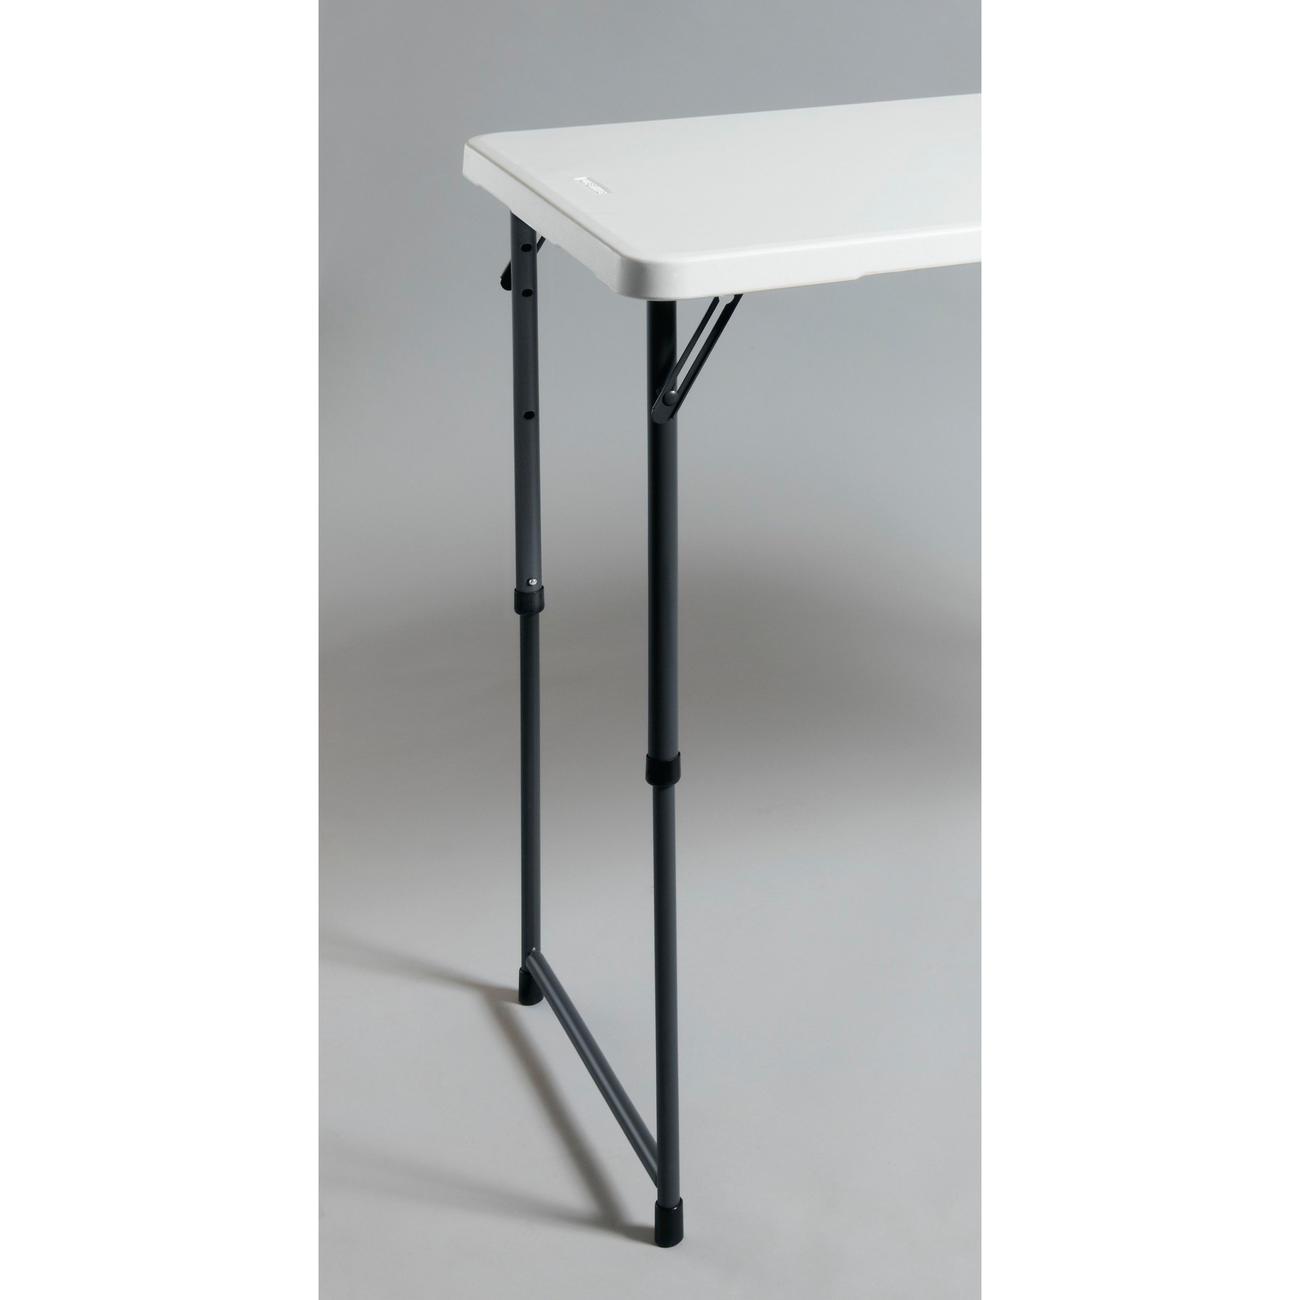 Einzigartig Höhenverstellbarer Beistelltisch Galerie Von Vierfach Höhenverstellbar - Ideal Als Buffet- Und